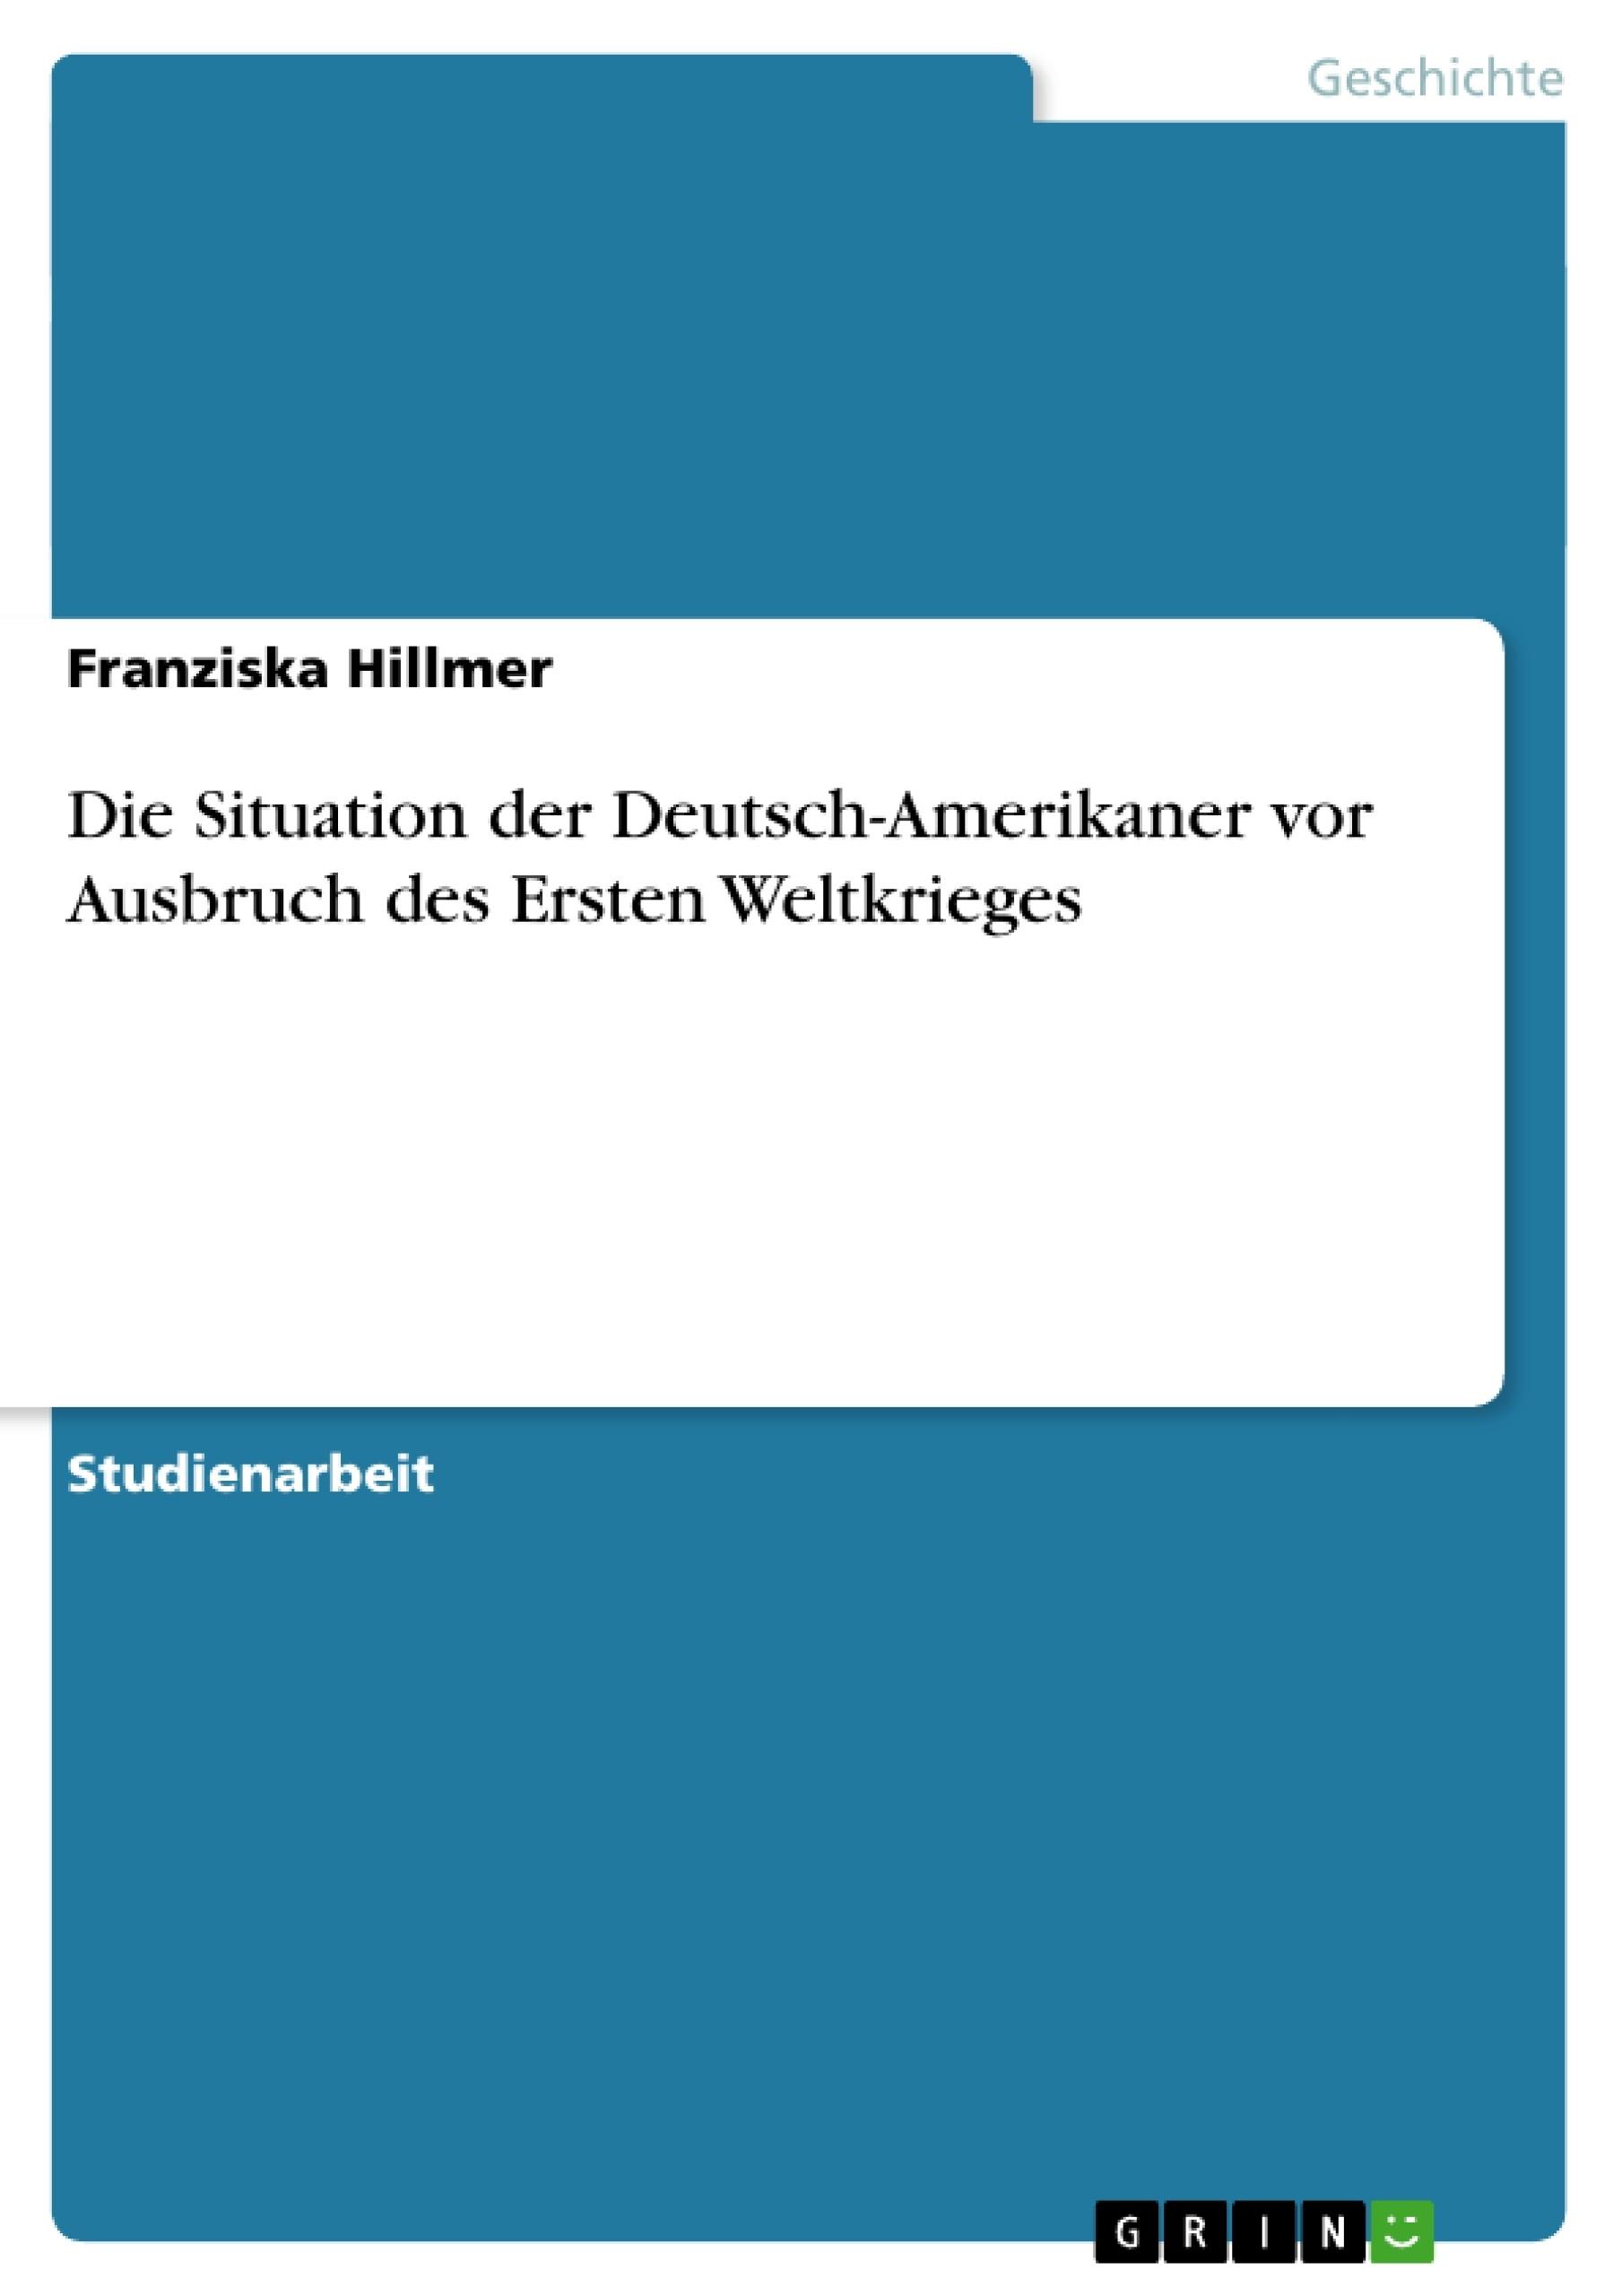 Titel: Die Situation der Deutsch-Amerikaner vor Ausbruch des Ersten Weltkrieges